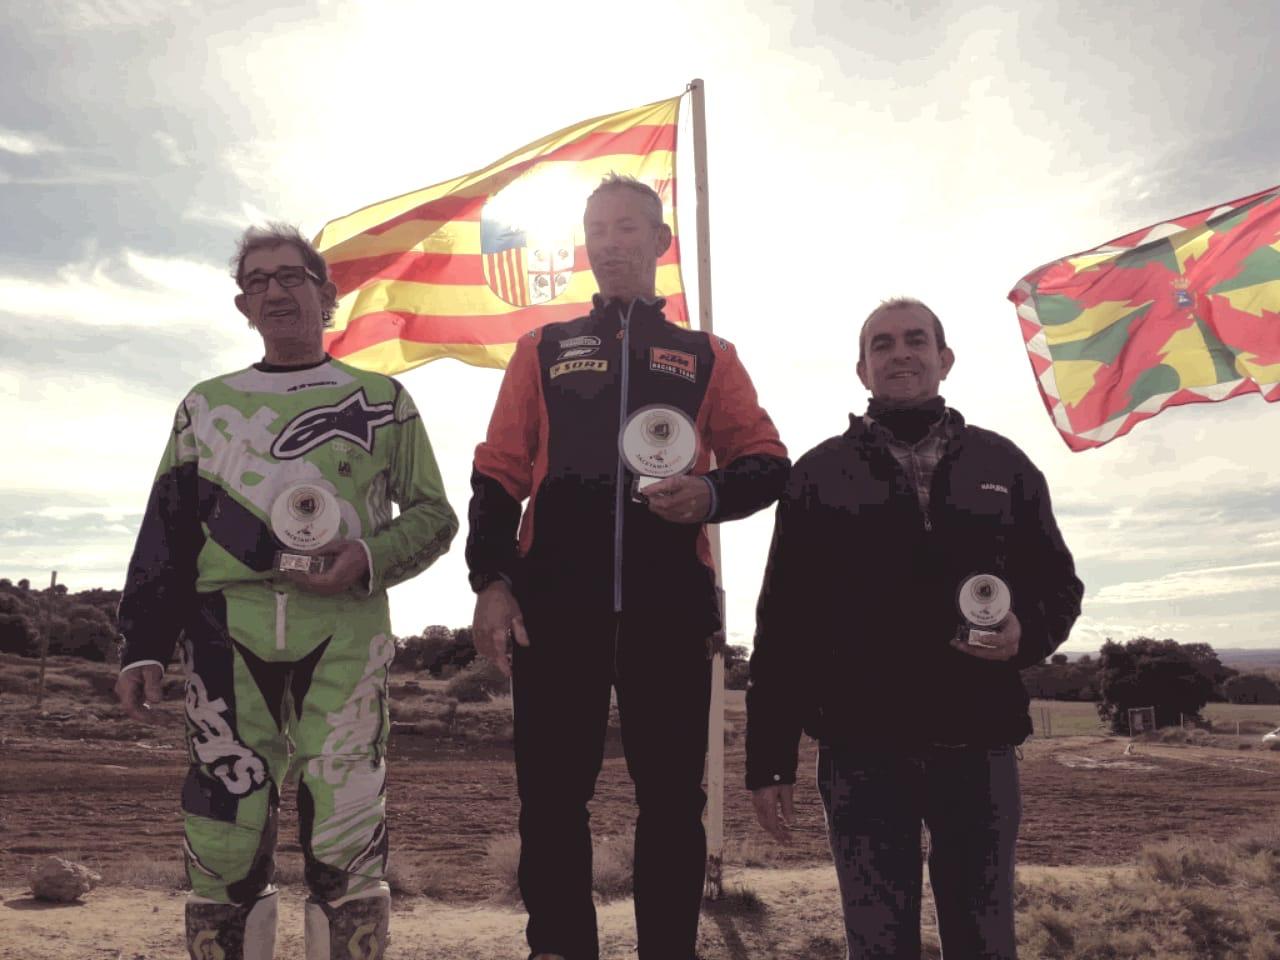 KTM Dermotor SORT Team